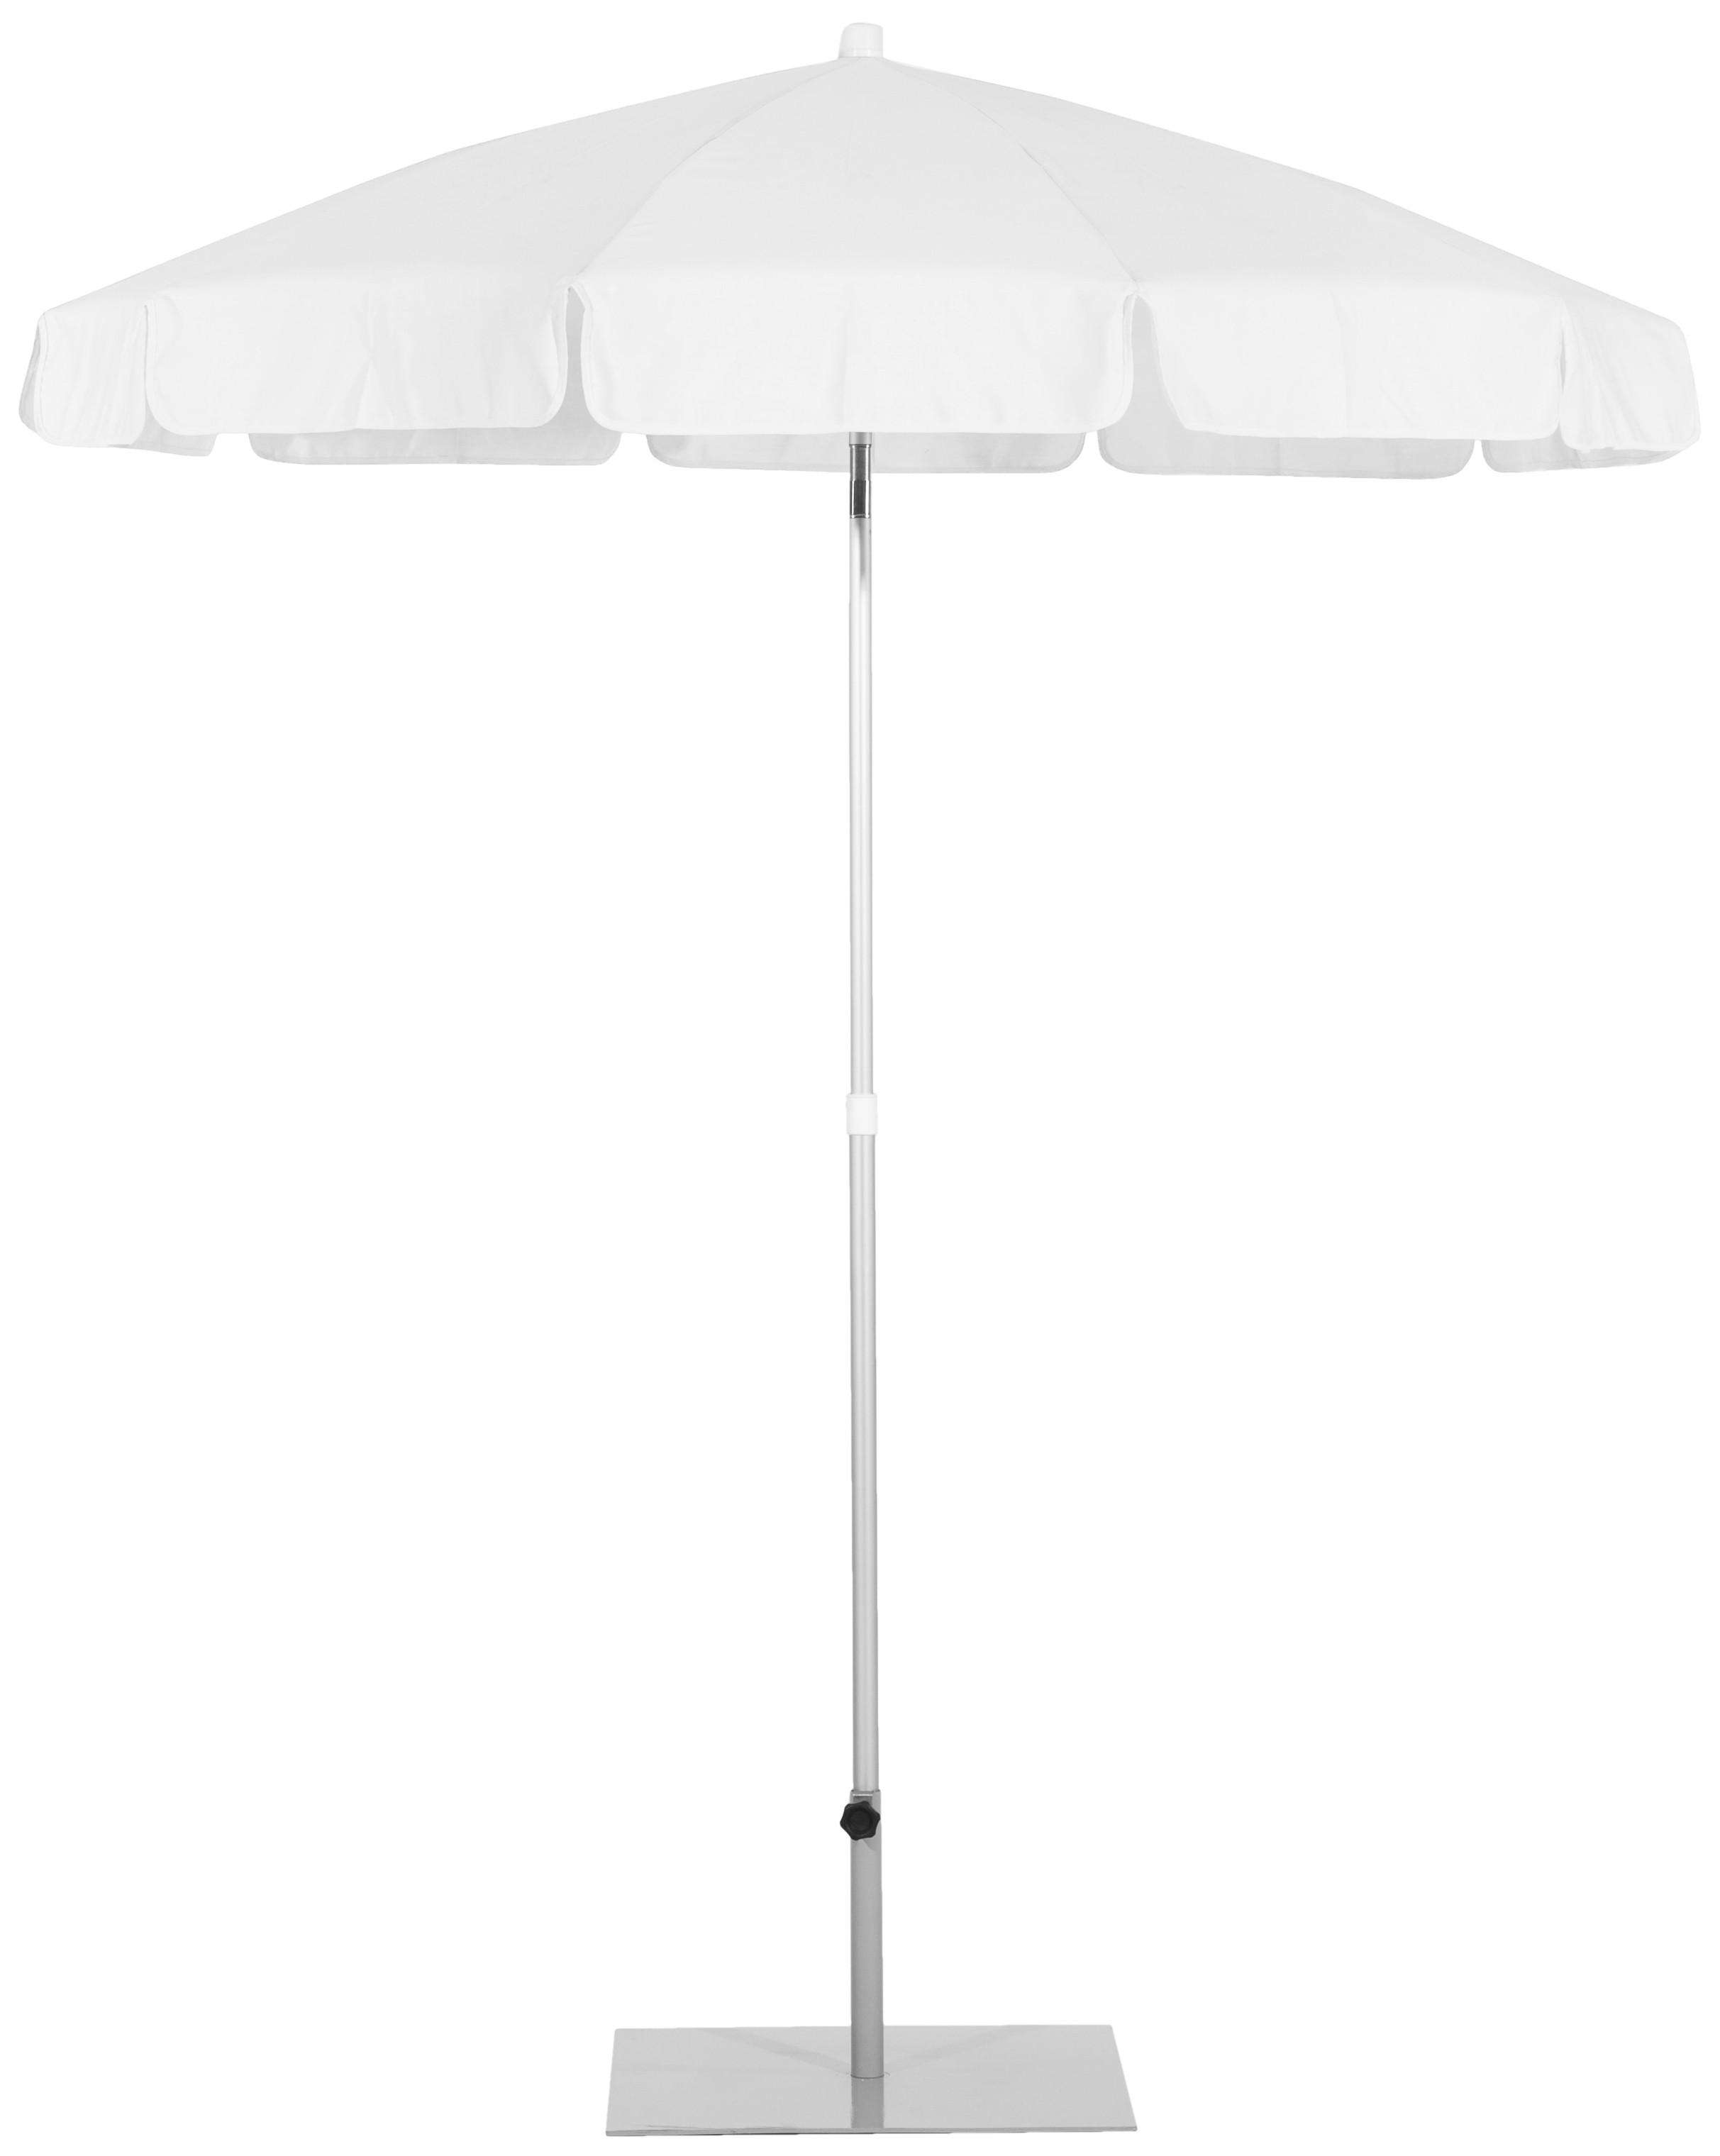 Parasol Ezpeleta Redondos Grey 1 Grises white Olefin 2